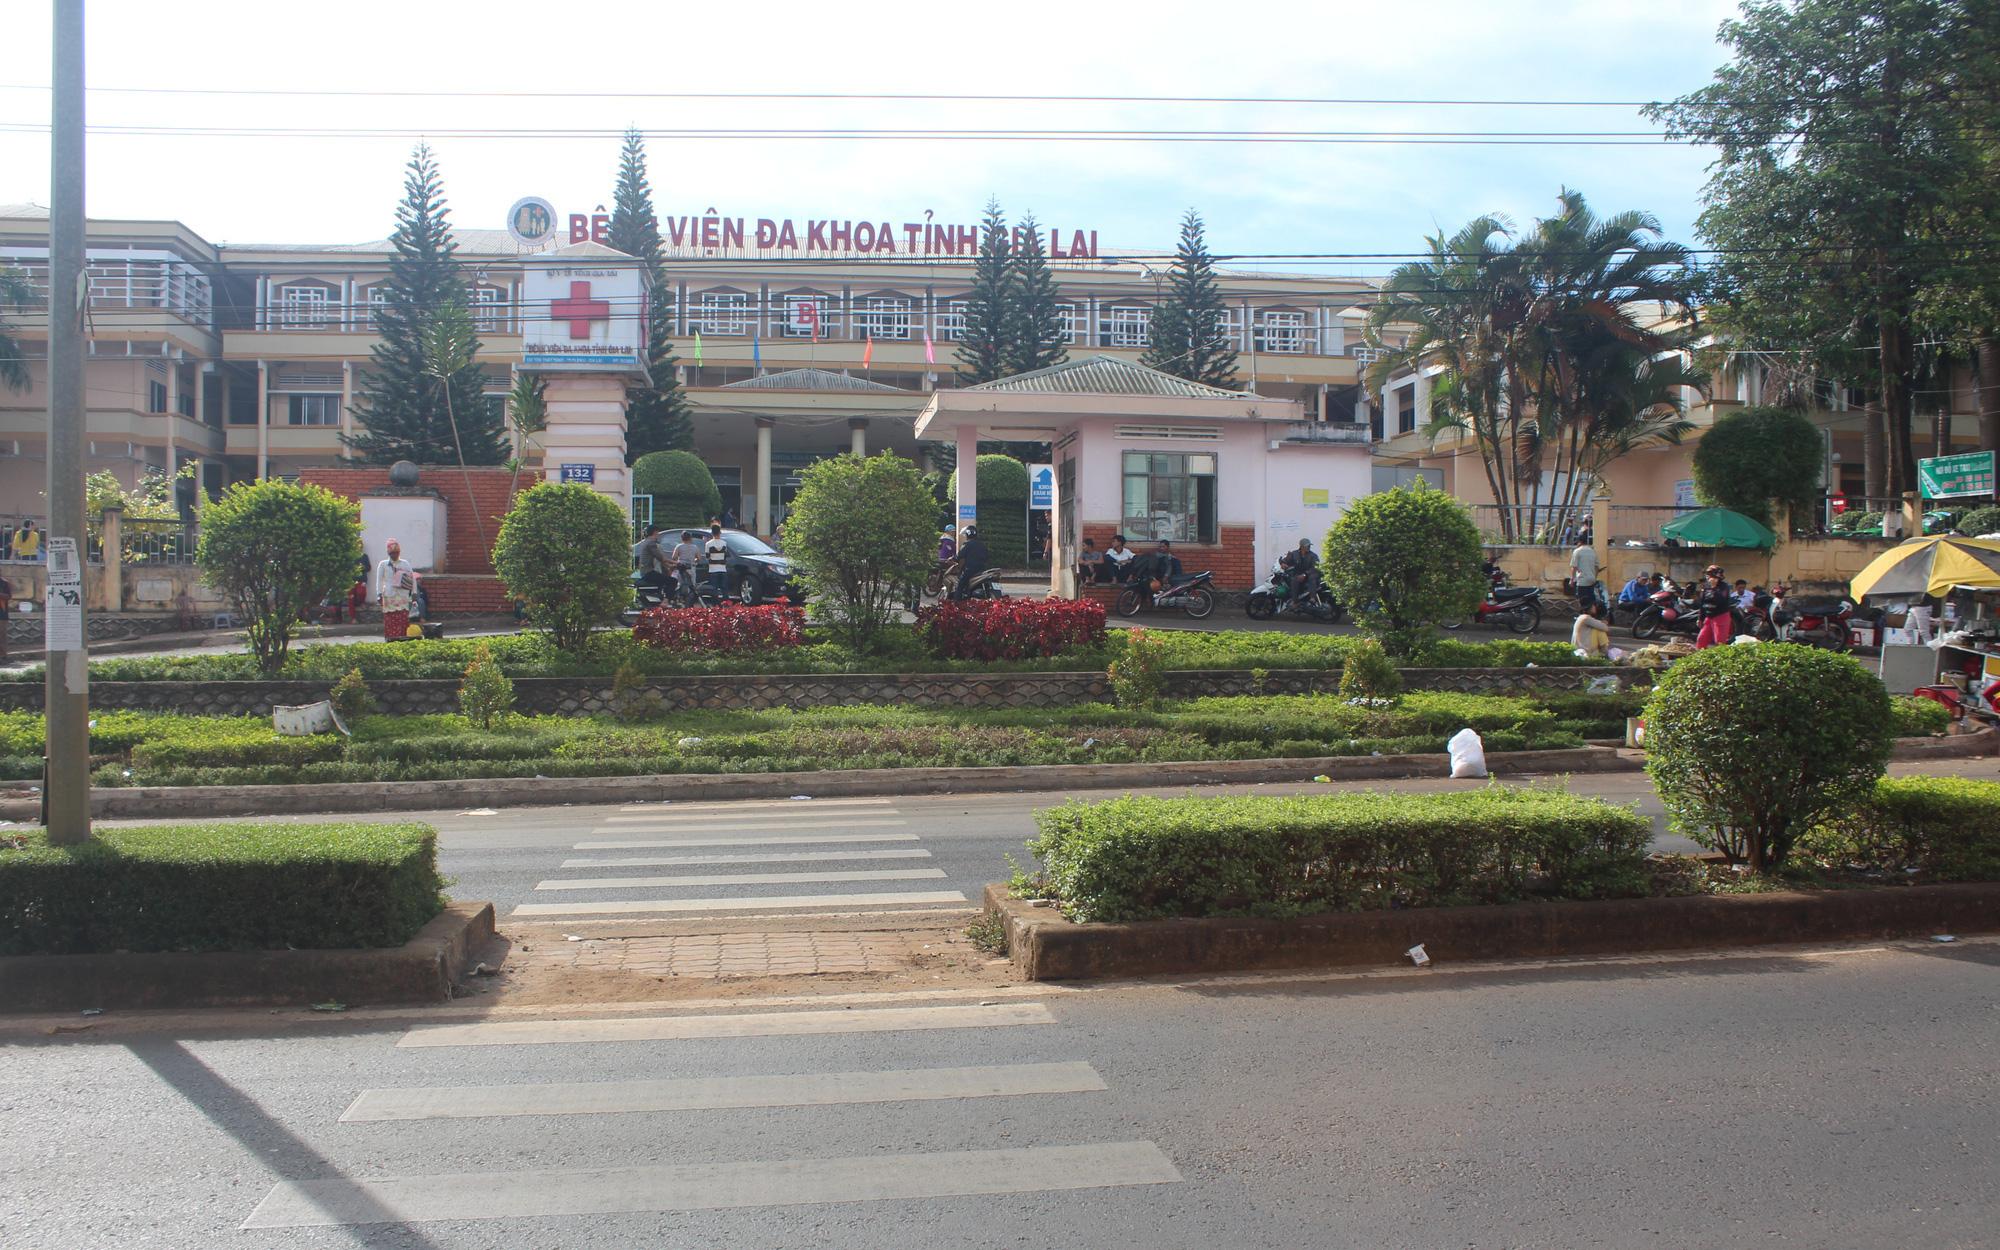 Xử lý vụ sai phạm tiền tỷ tại Bệnh viện đa khoa tỉnh Gia Lai